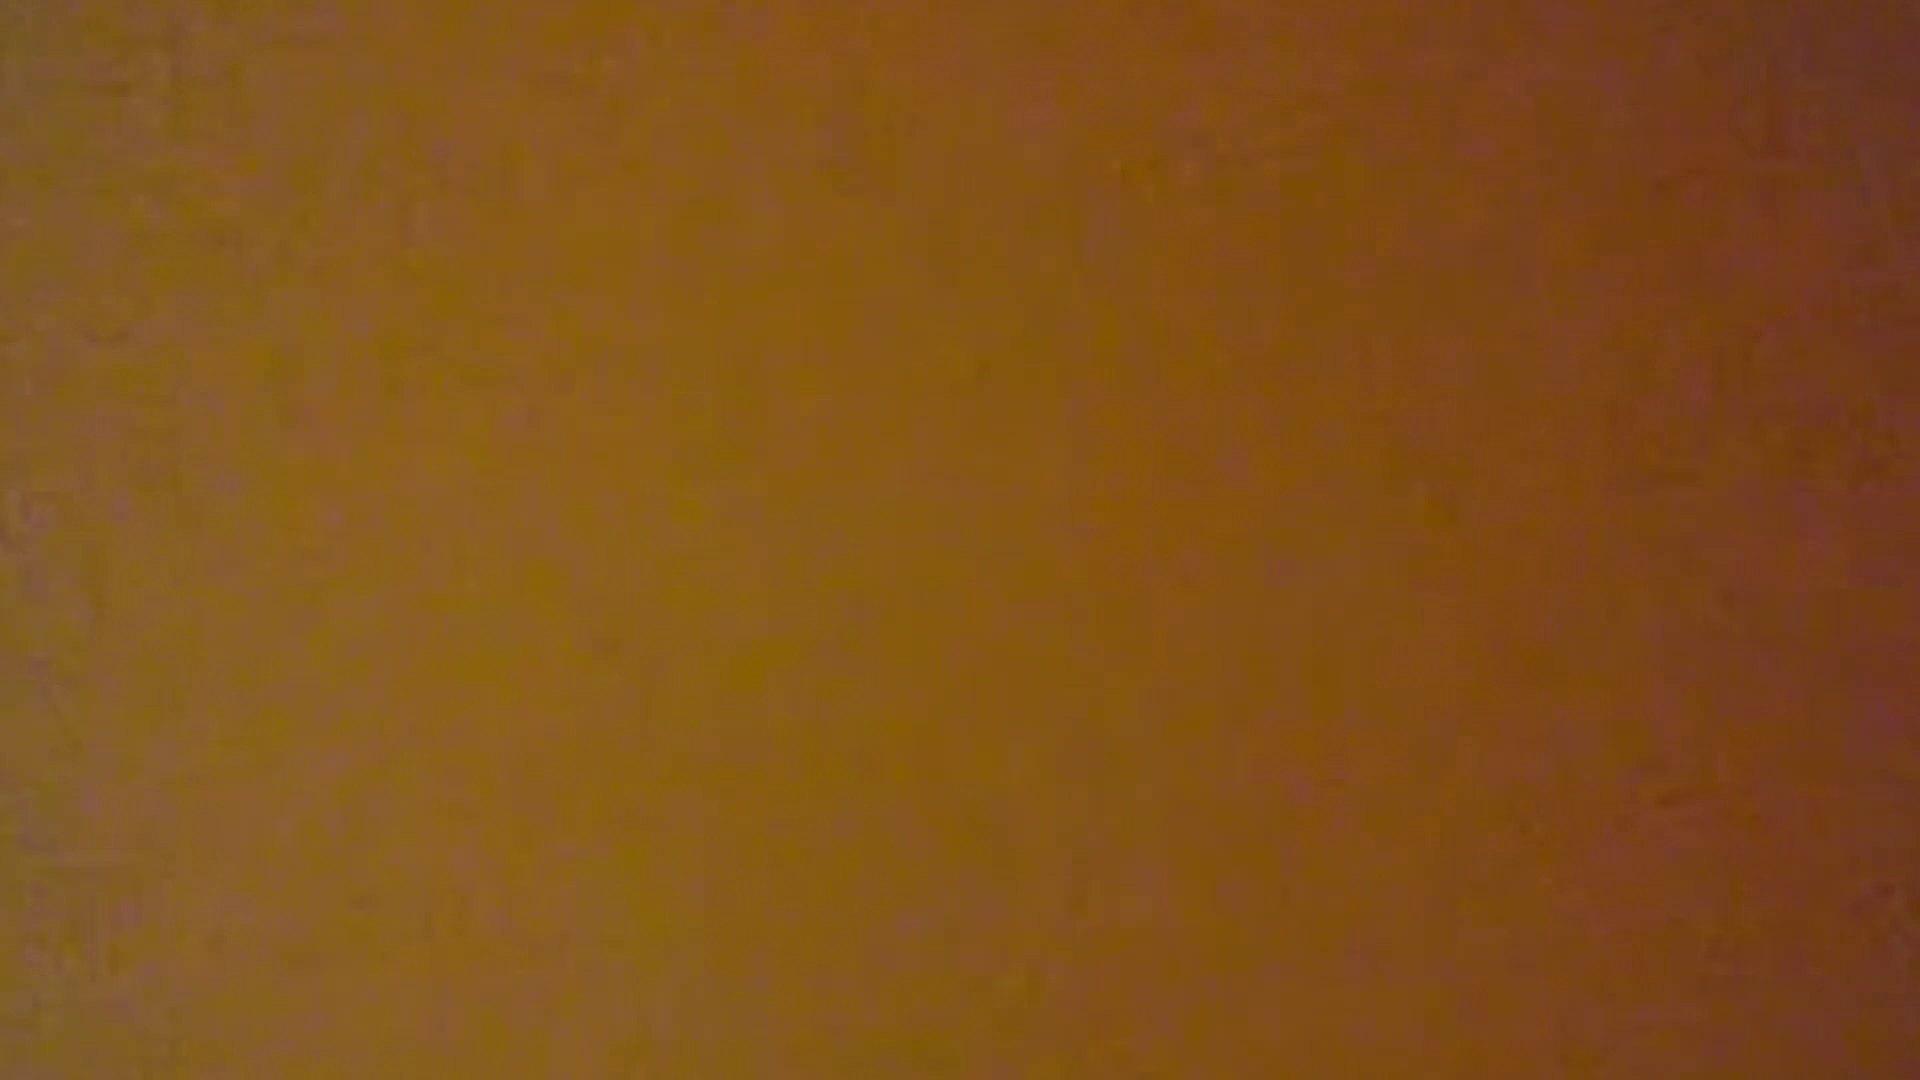 流出マル秘ファイル!ライブオナニーⅡFile.08 ボーイズ私服   ノンケボーイズ  71pic 34